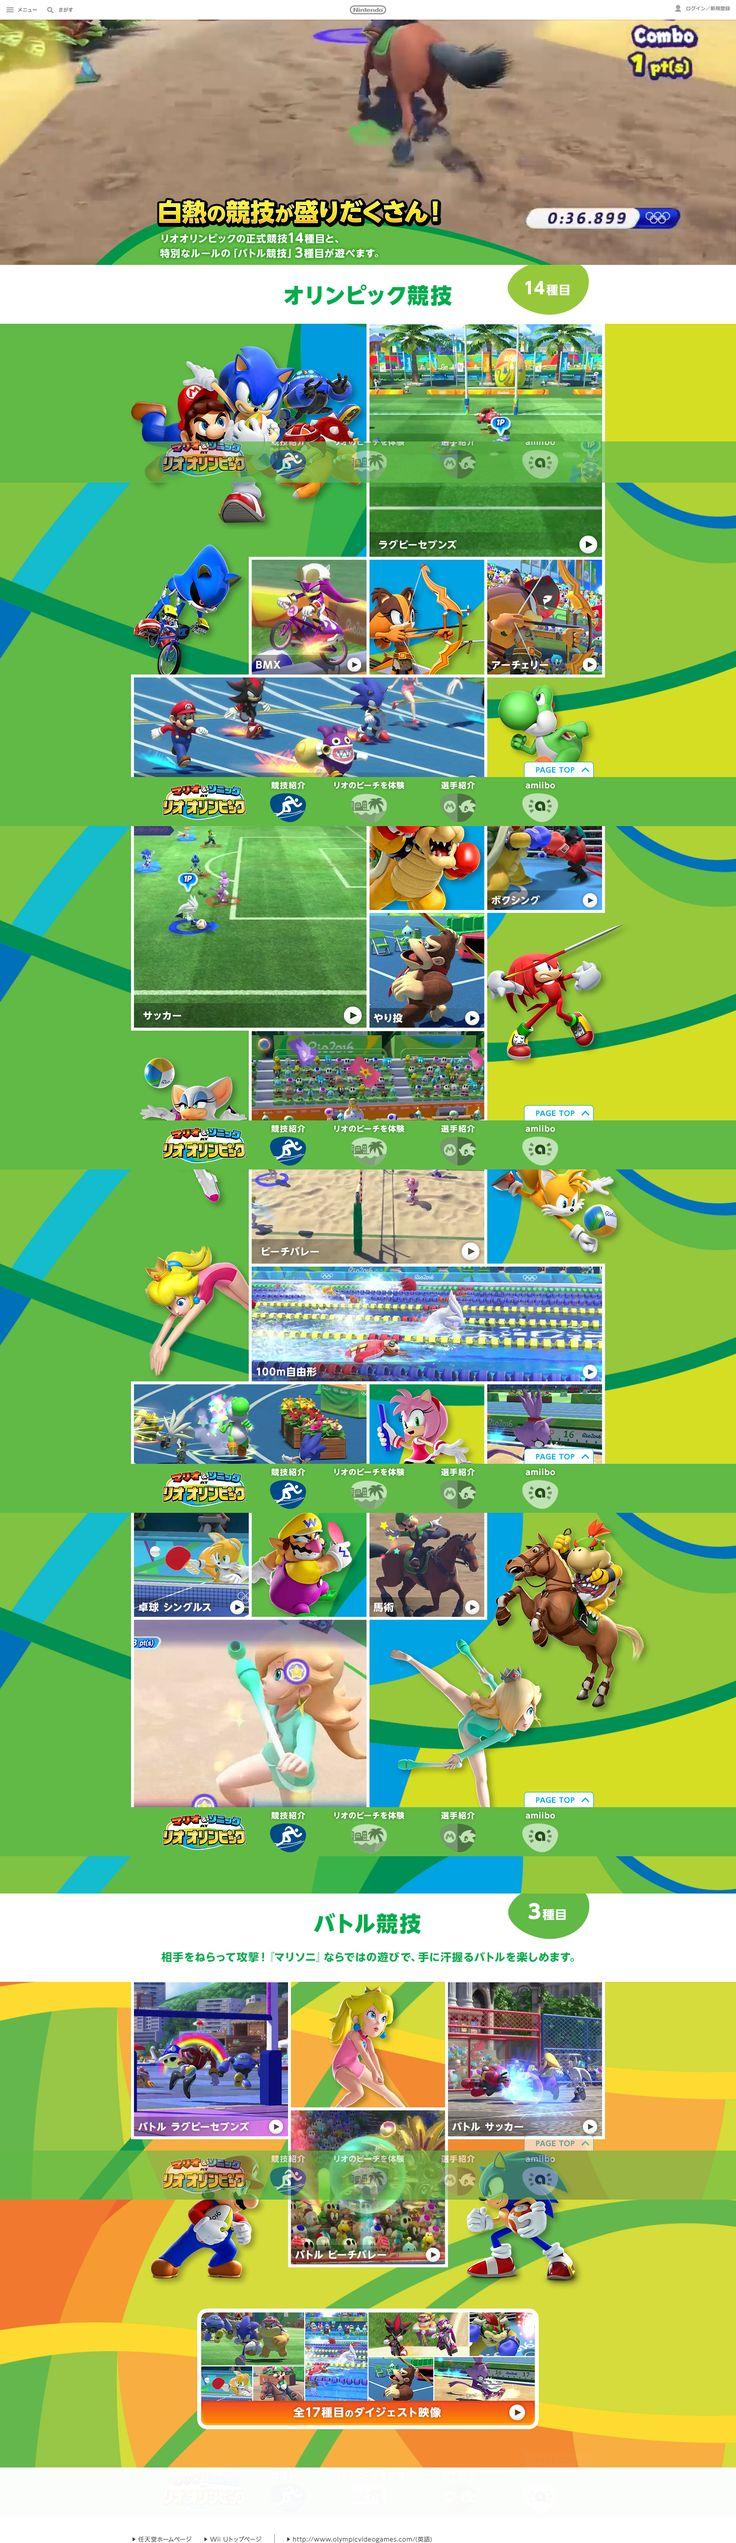 マリオ&ソニック AT リオオリンピック #game #webdesign